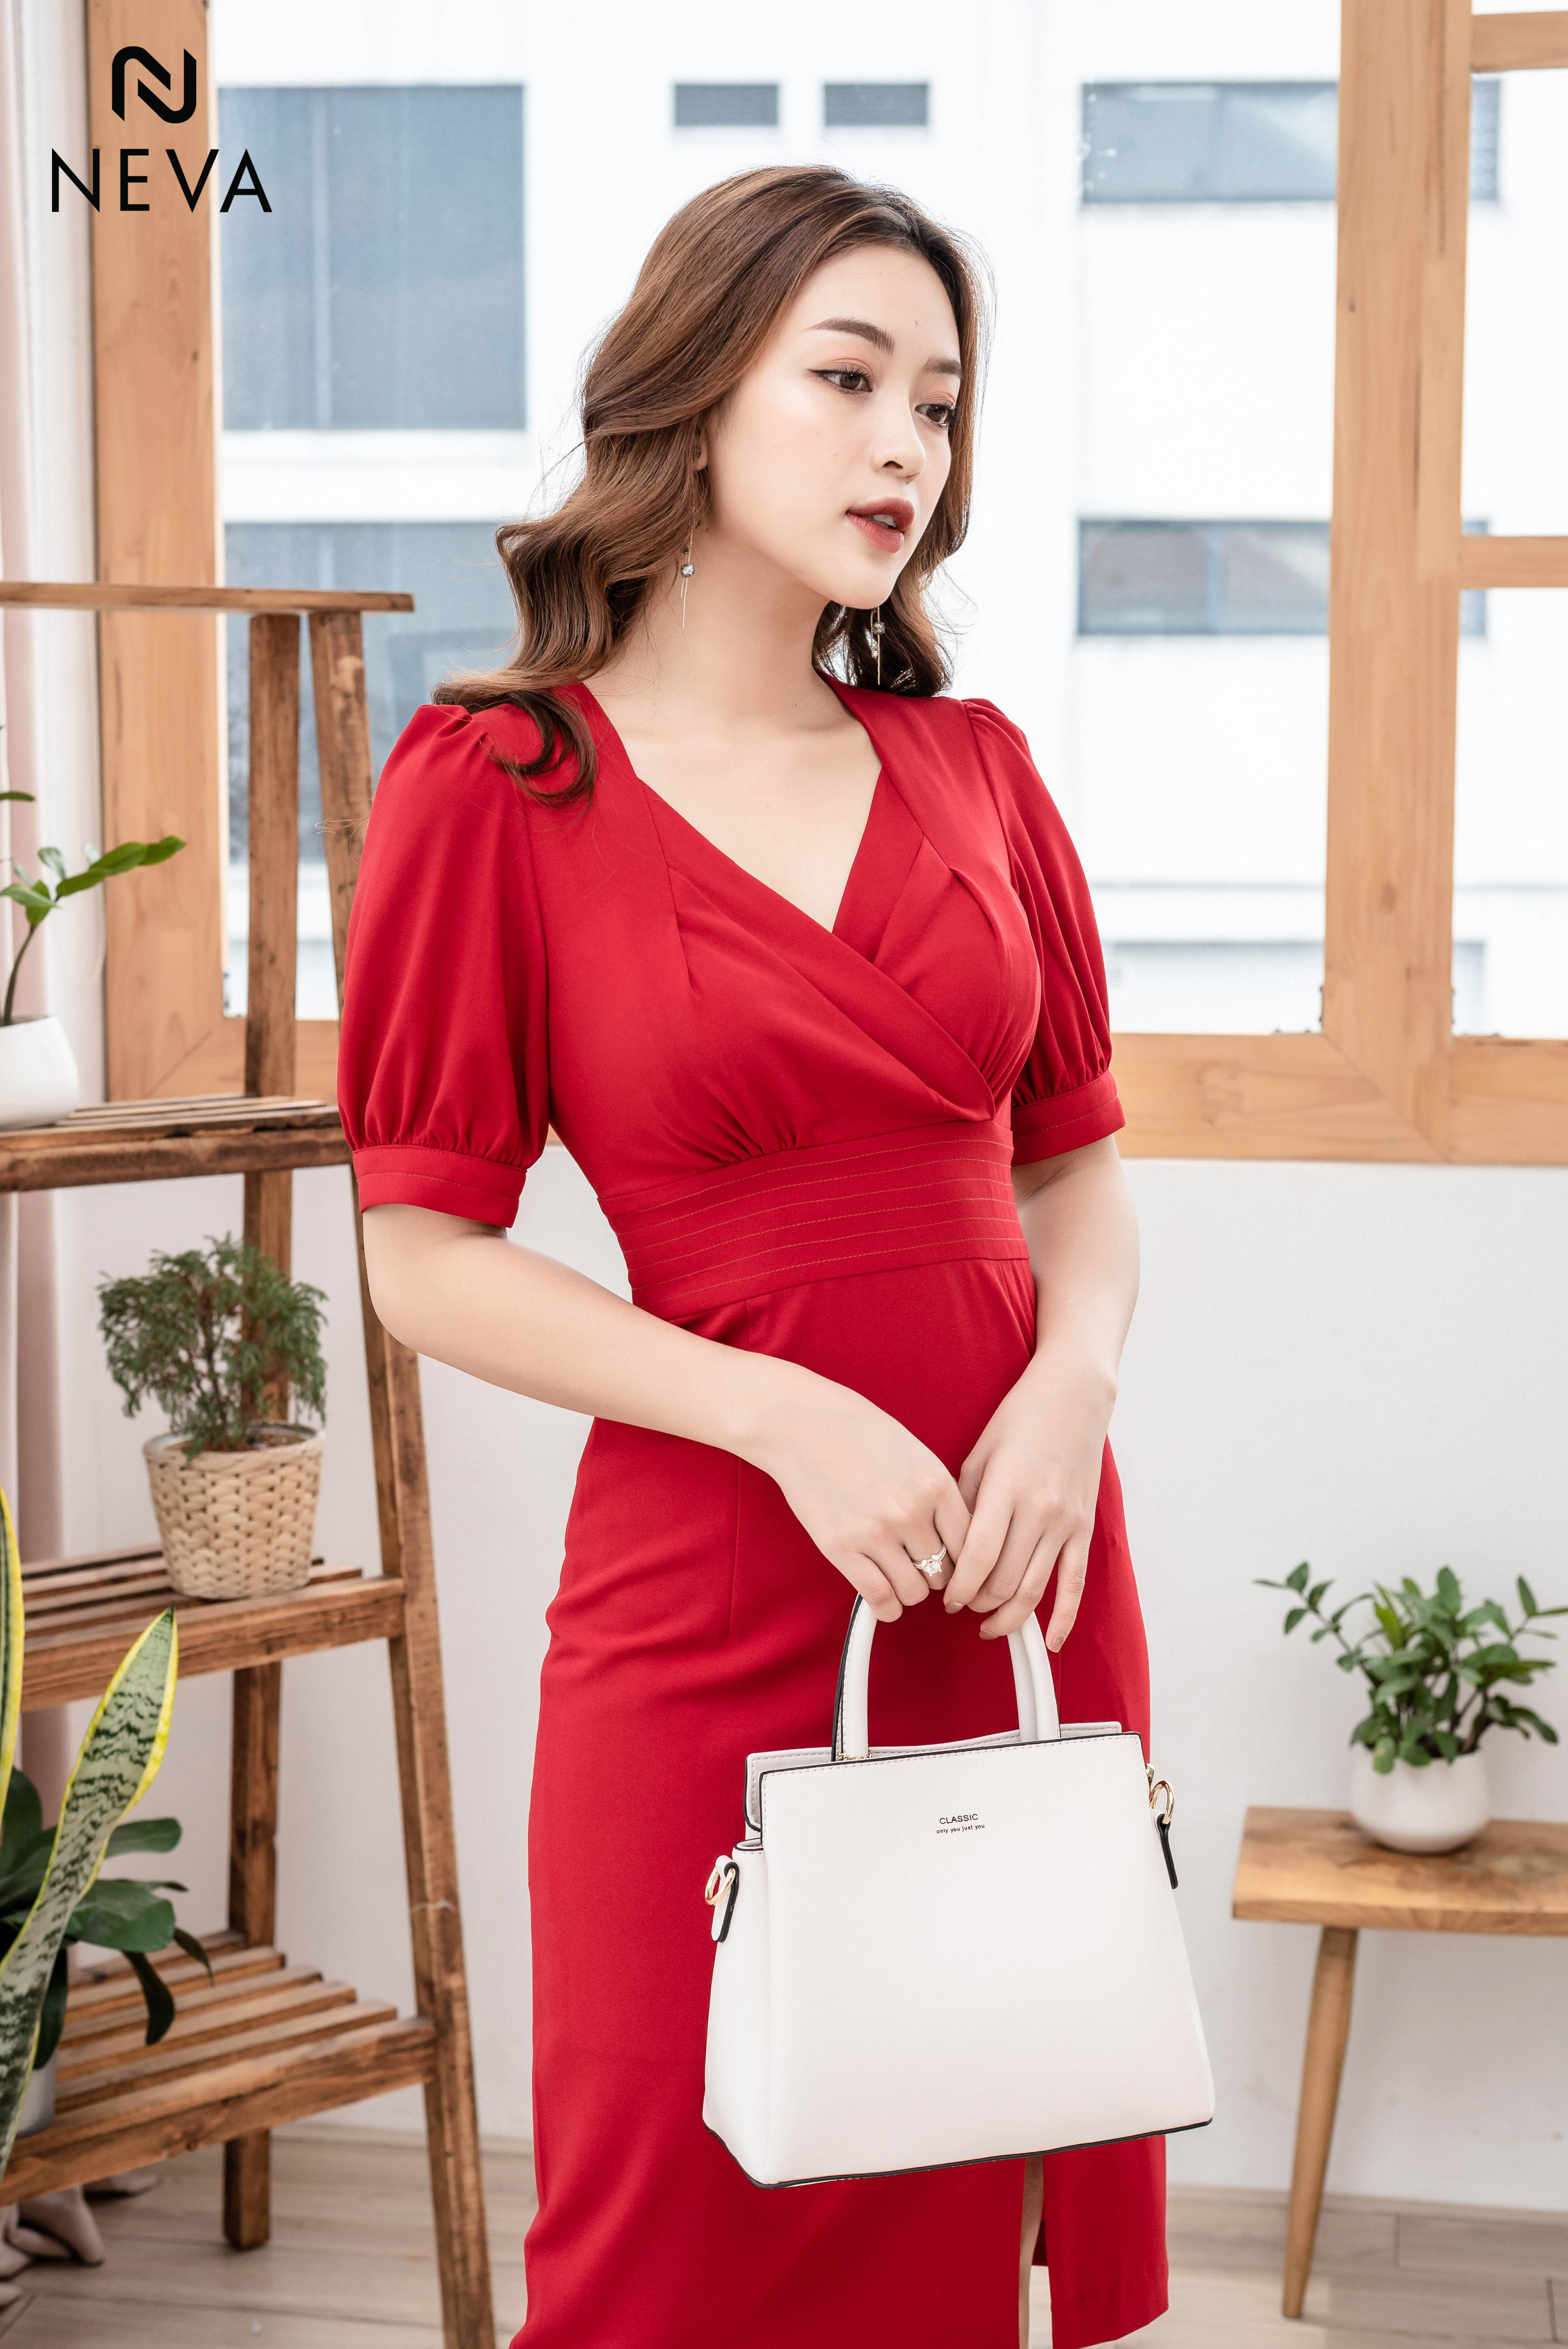 Thời trang nữ:  Xu hướng mẫu thiết kế váy đẹp cực HOT 19SNDKE495-1,368,000%20(4)